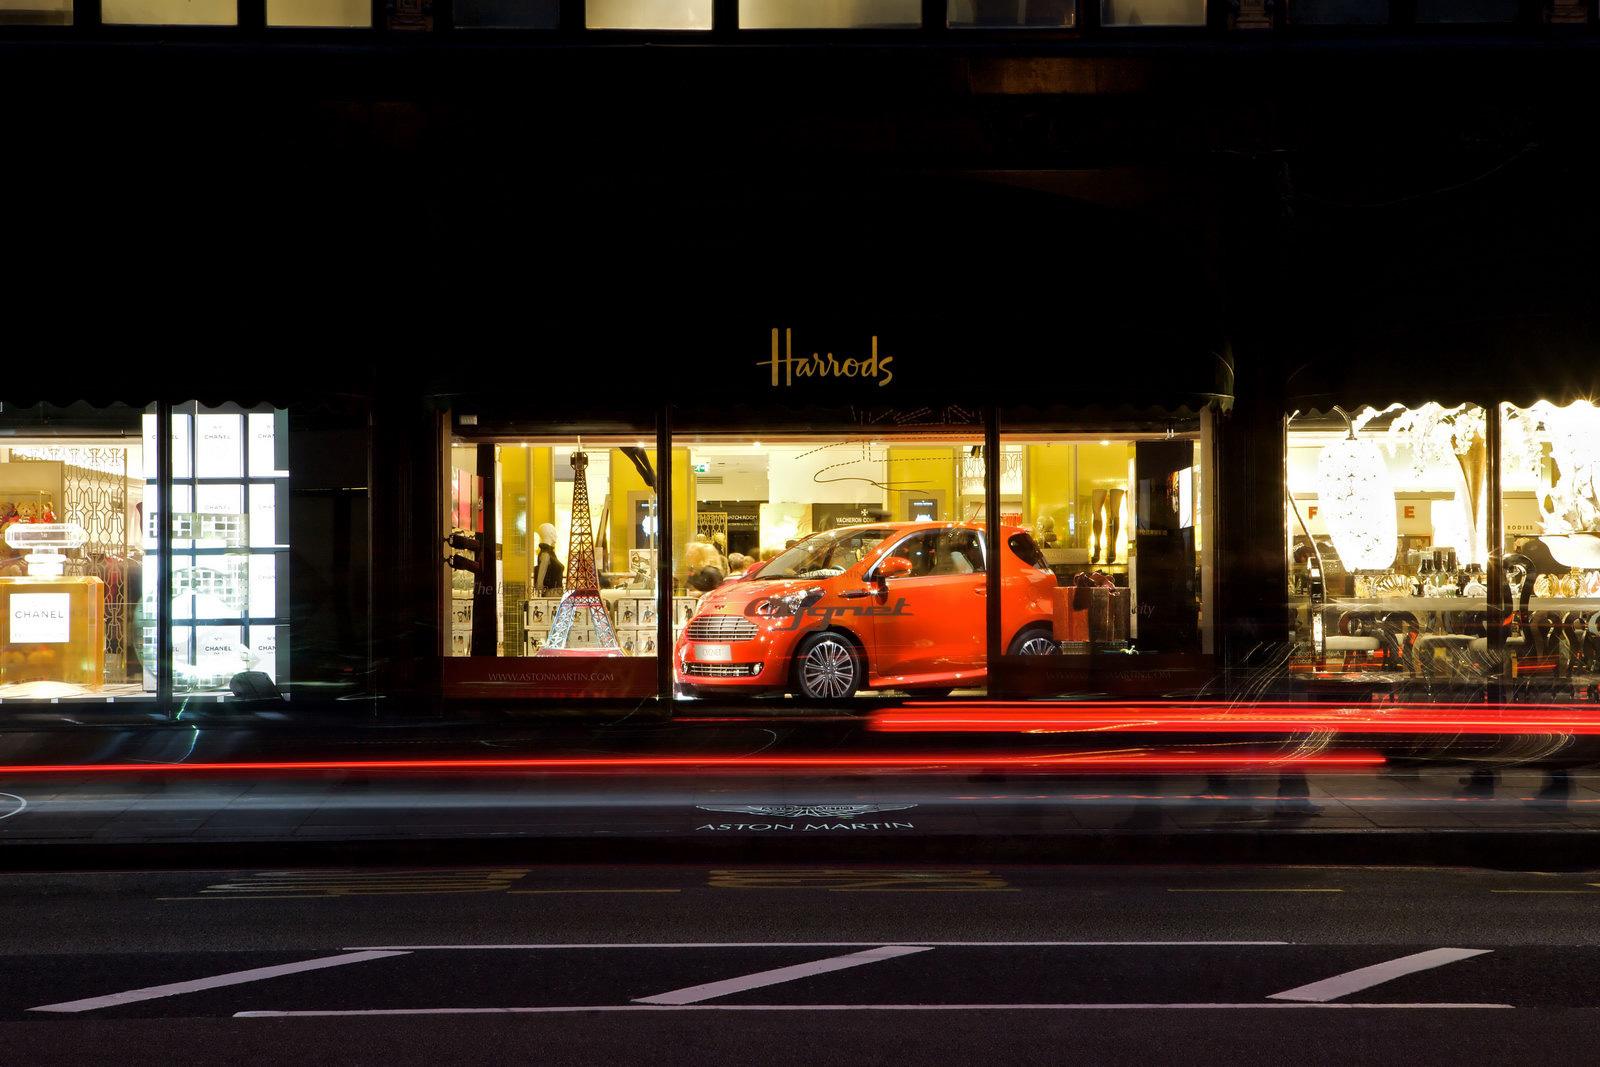 Aston Martin Cygnet Debut in Harrods Window